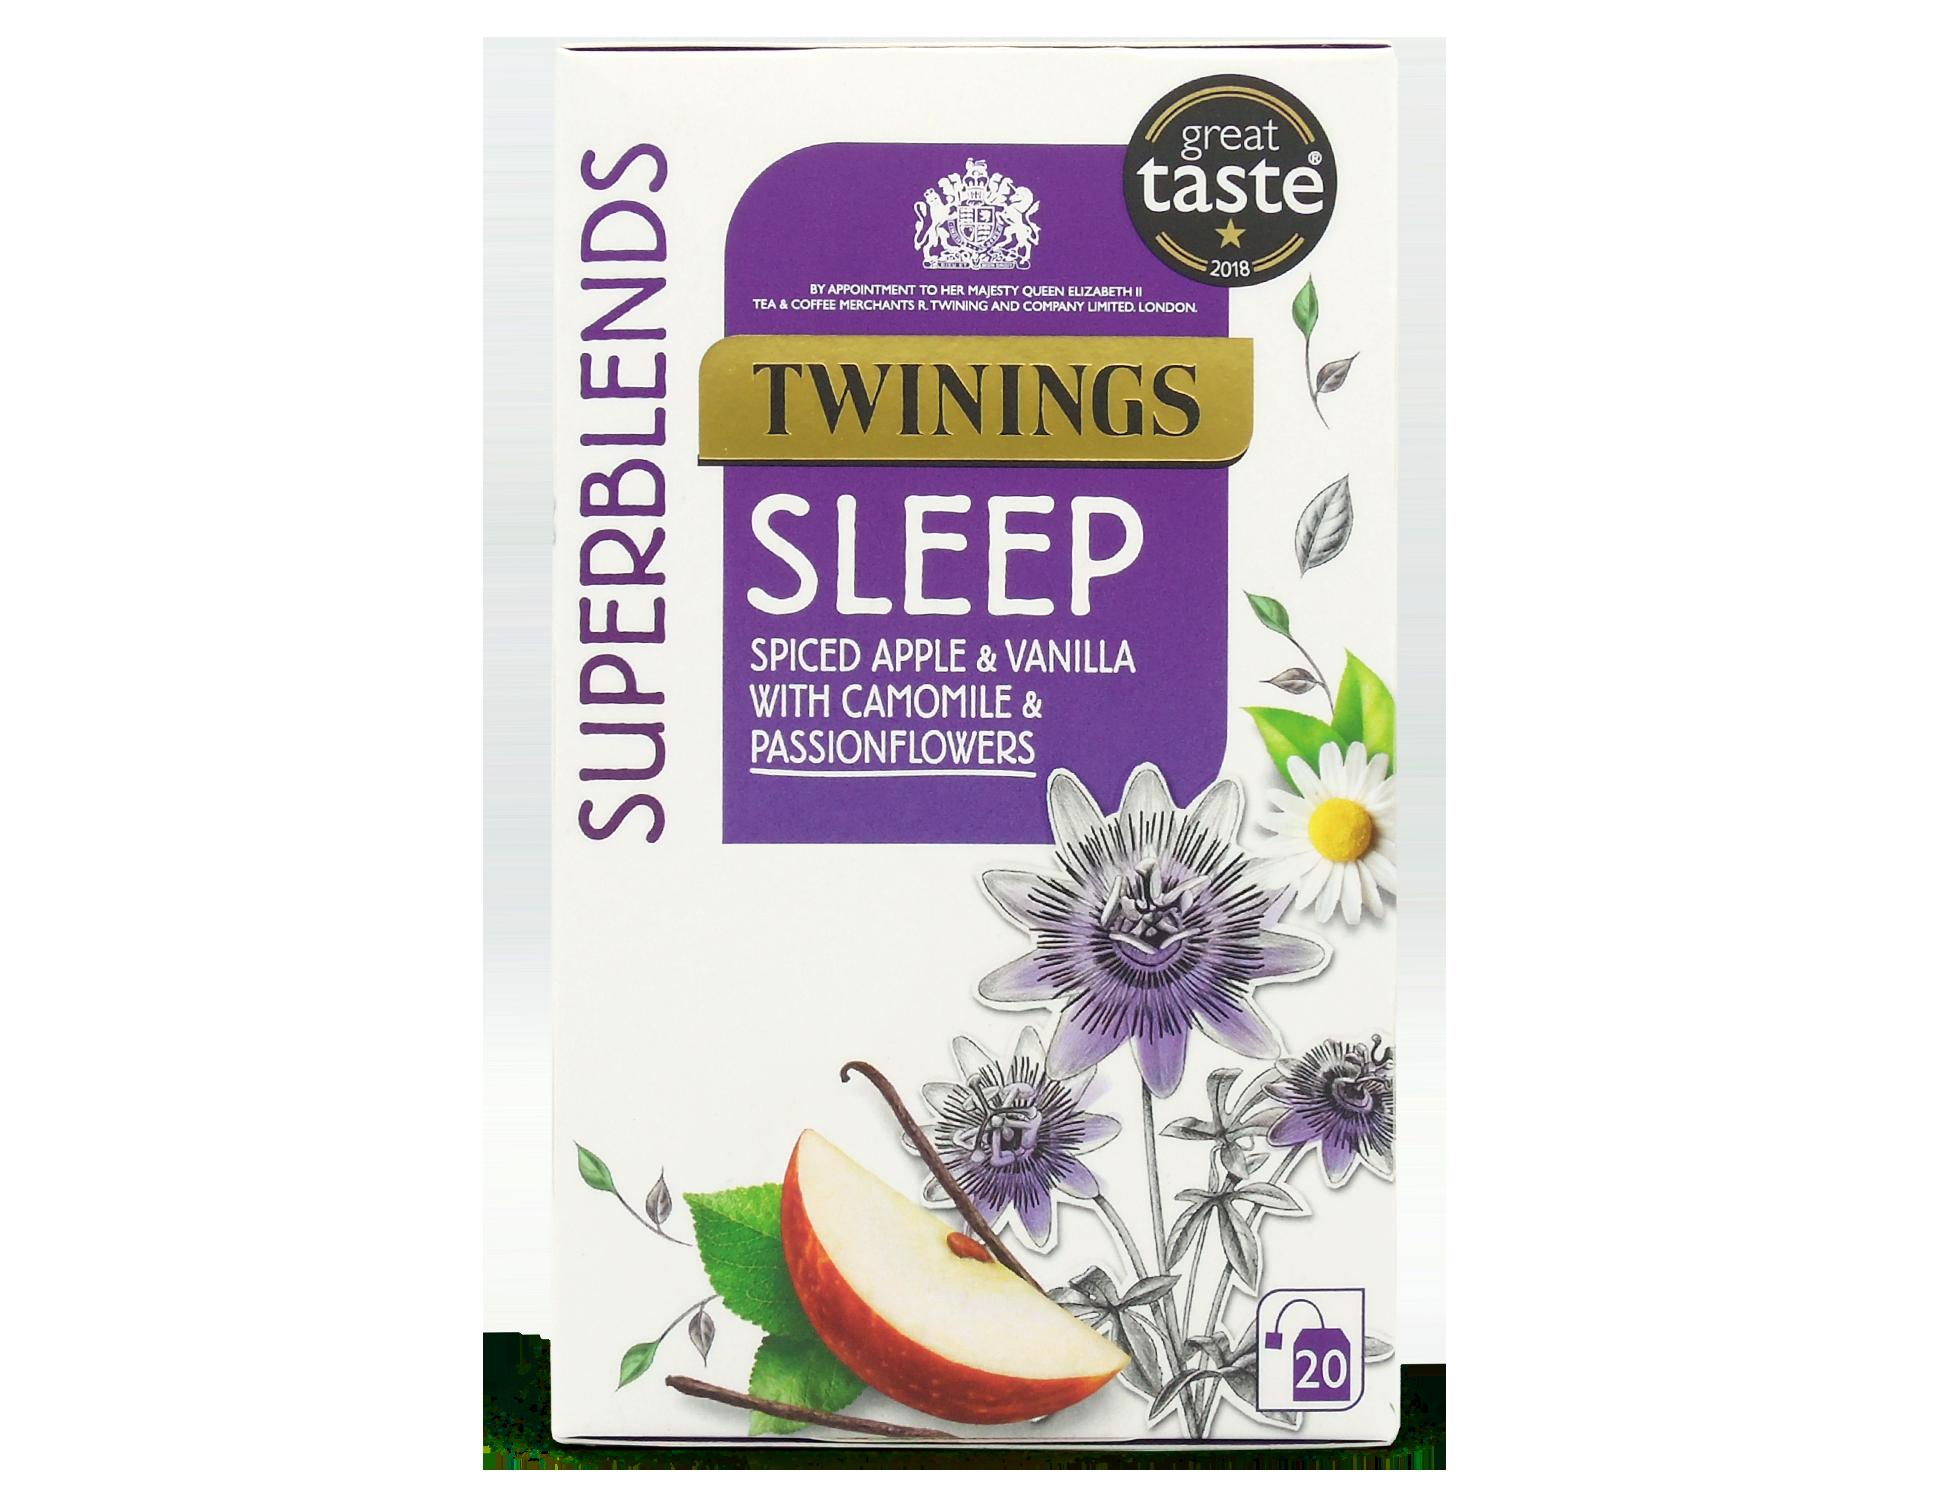 Product image of Sleep - 20 Envelopes from Twinings Teashop